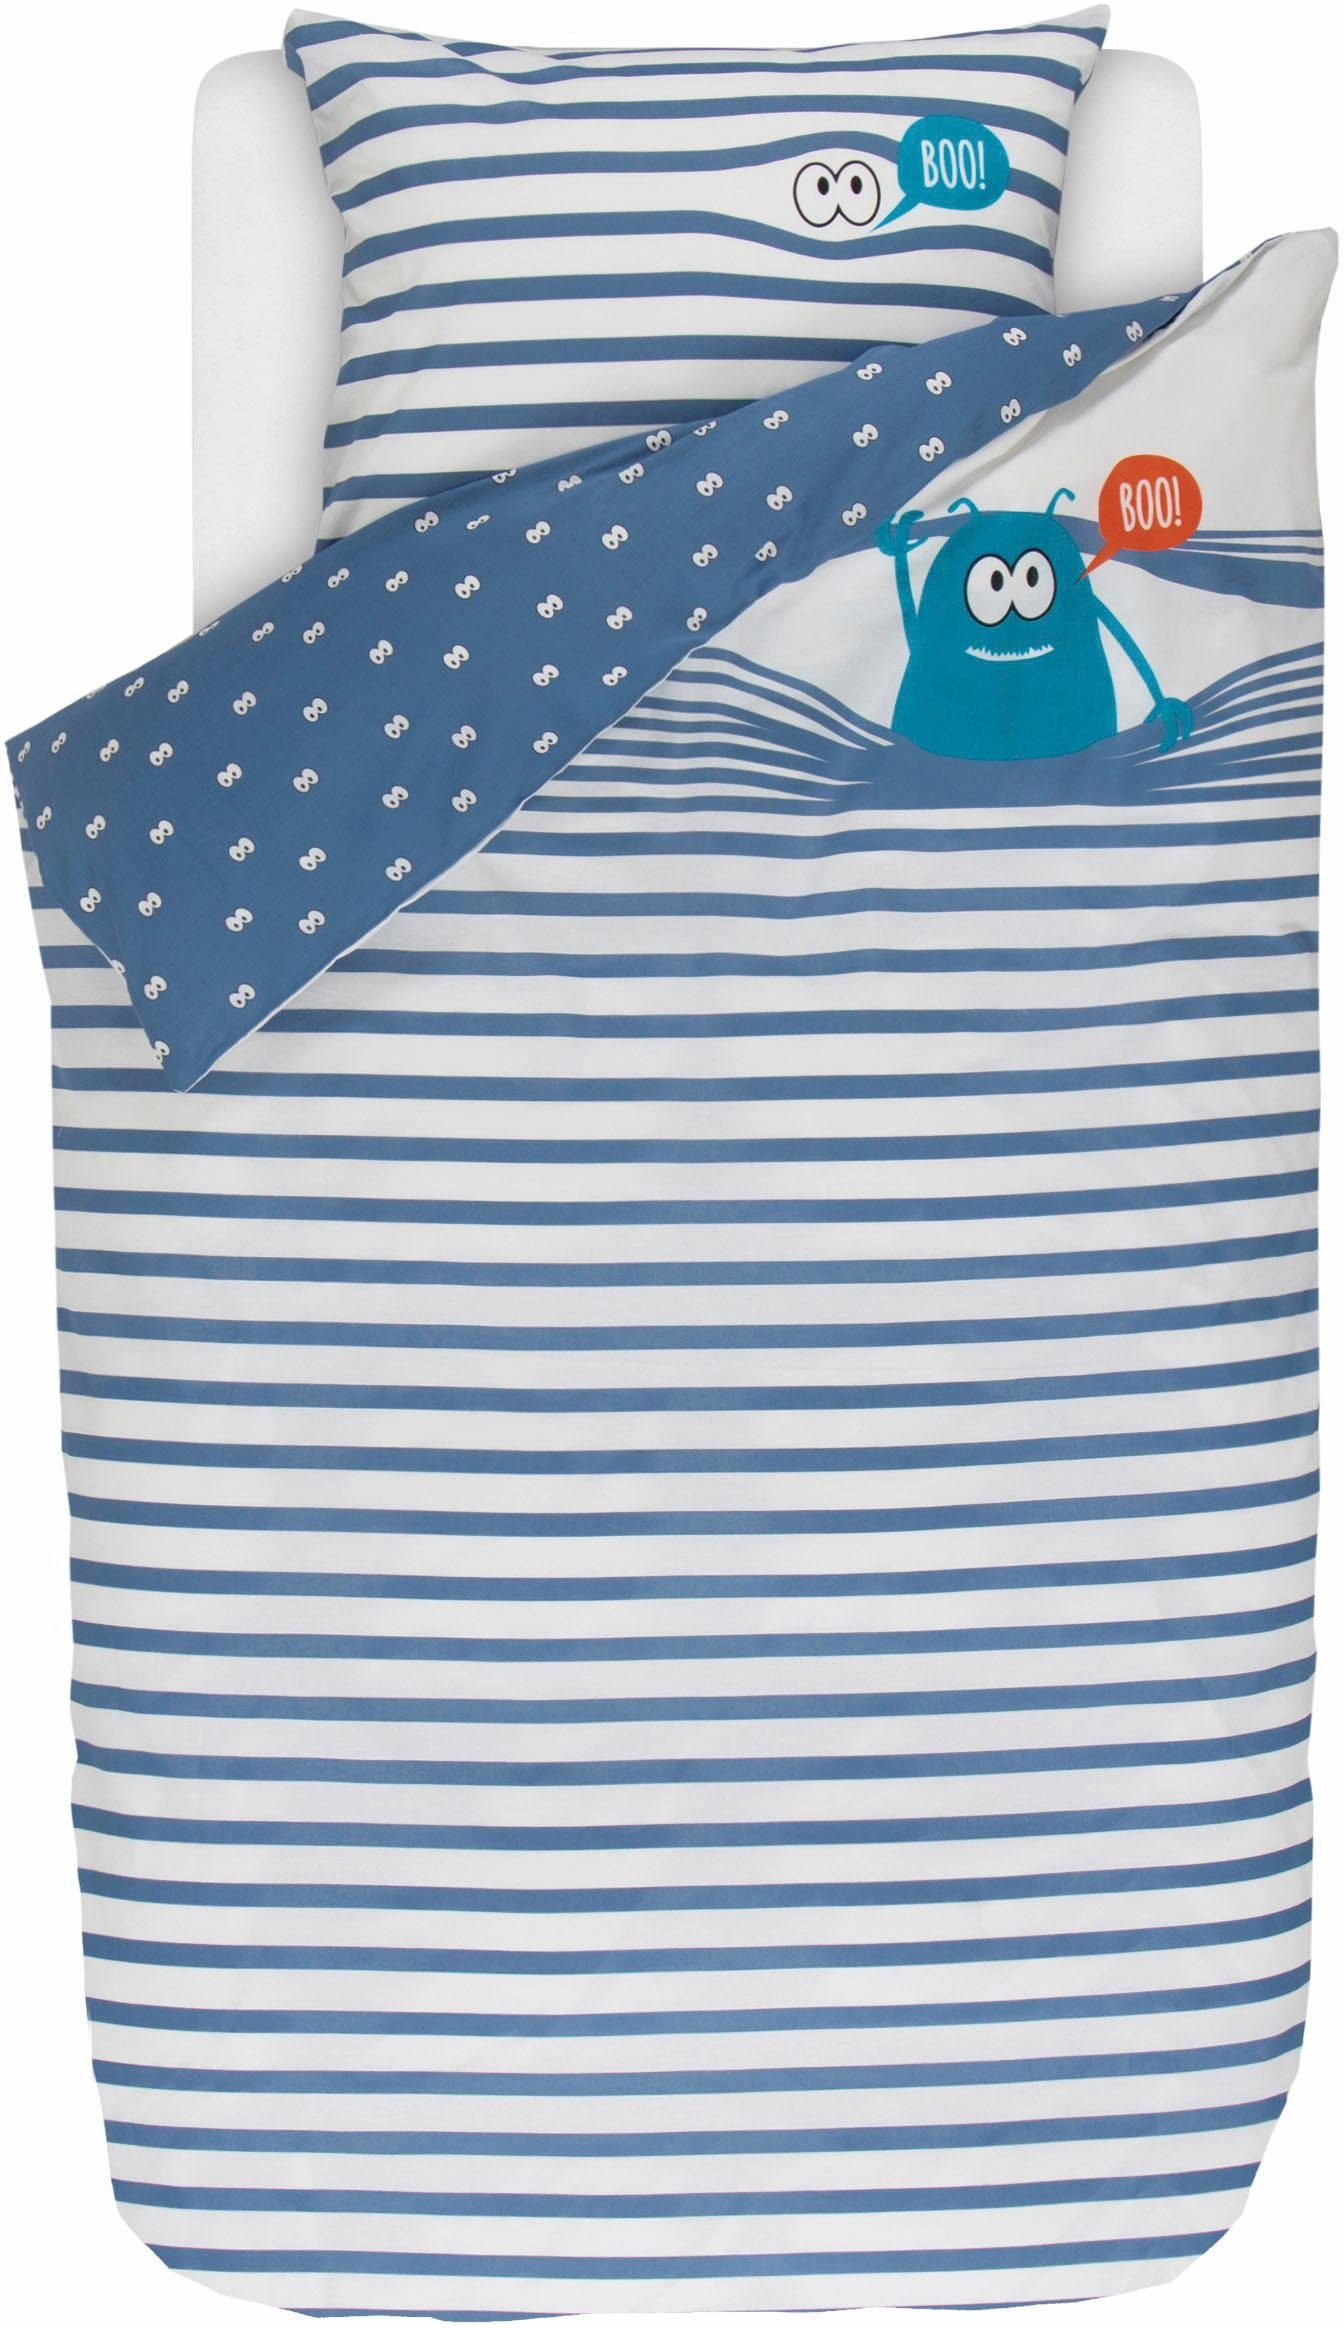 Kinderbettwäsche »Frankie the monster«, Esprit, mit Streifen und kleinem Monster